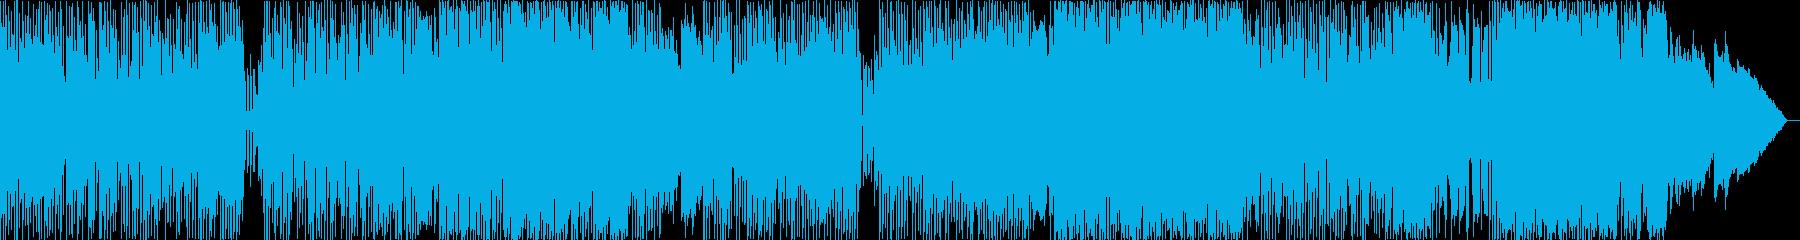 ピアノが心地良い王道ポップスの再生済みの波形